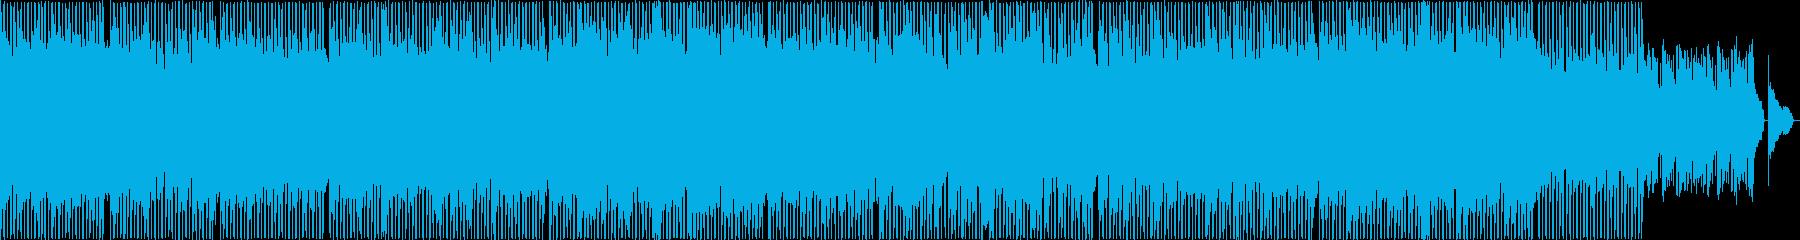 超ムード系ハウスの再生済みの波形